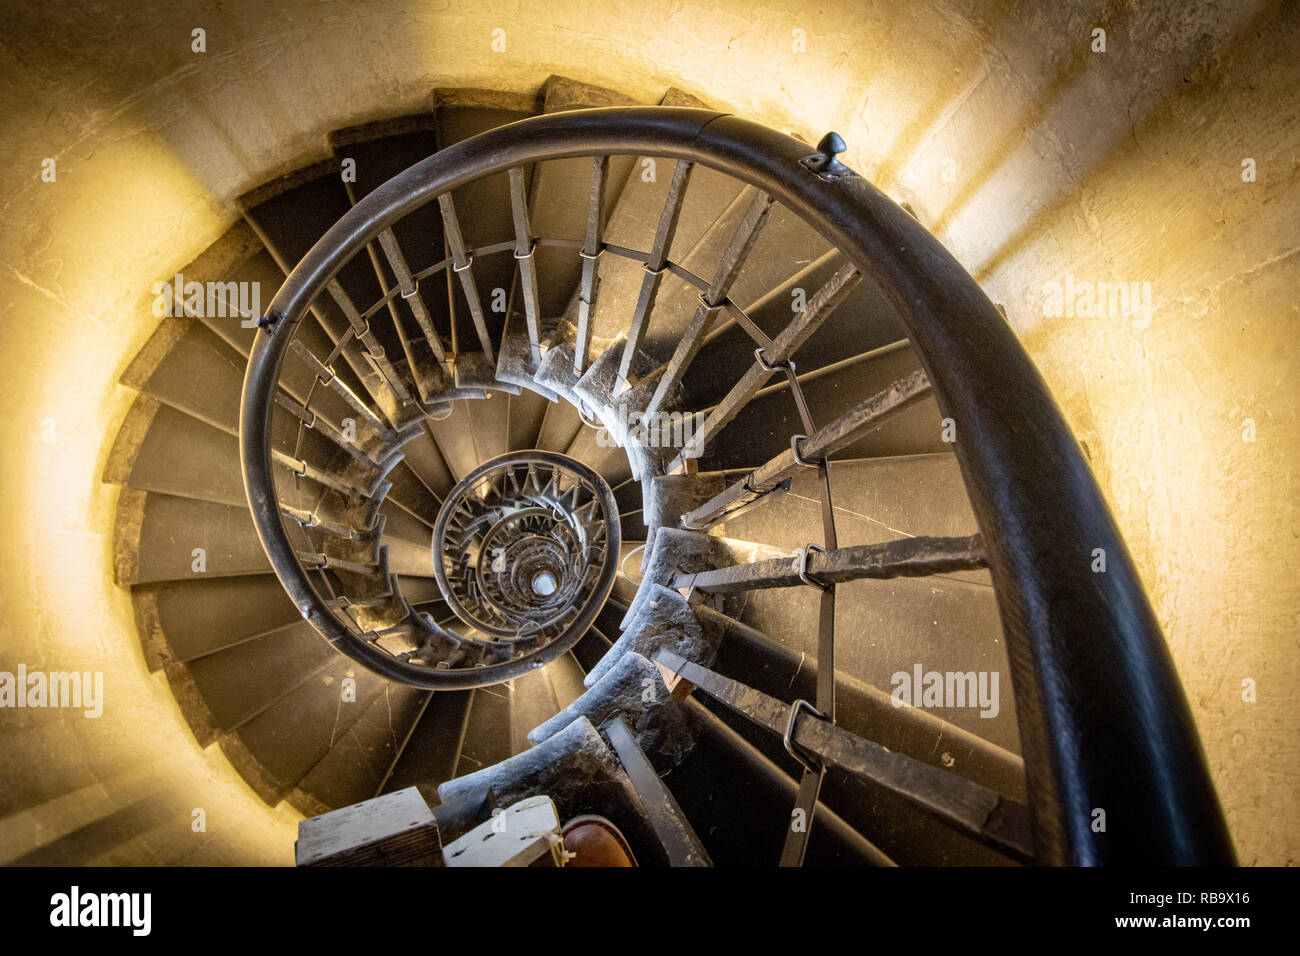 Die Treppe mit 311 Stufen innerhalb des Denkmal für den großen Brand von London. Stockbild